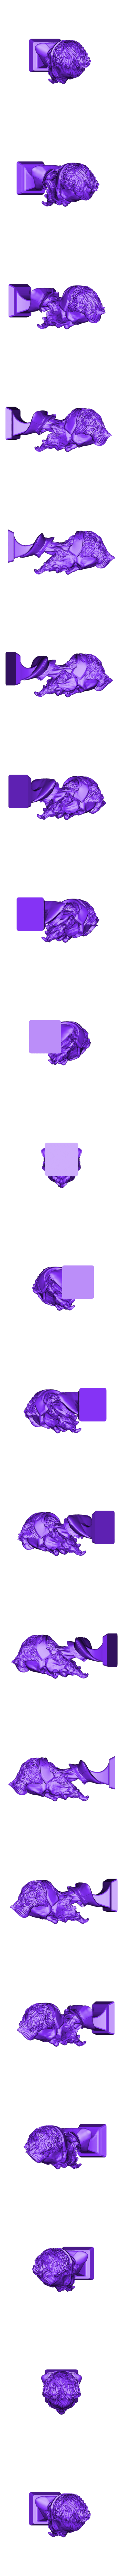 500k_JustChilling.stl Télécharger fichier STL gratuit Je glande juste • Design pour imprimante 3D, bendansie